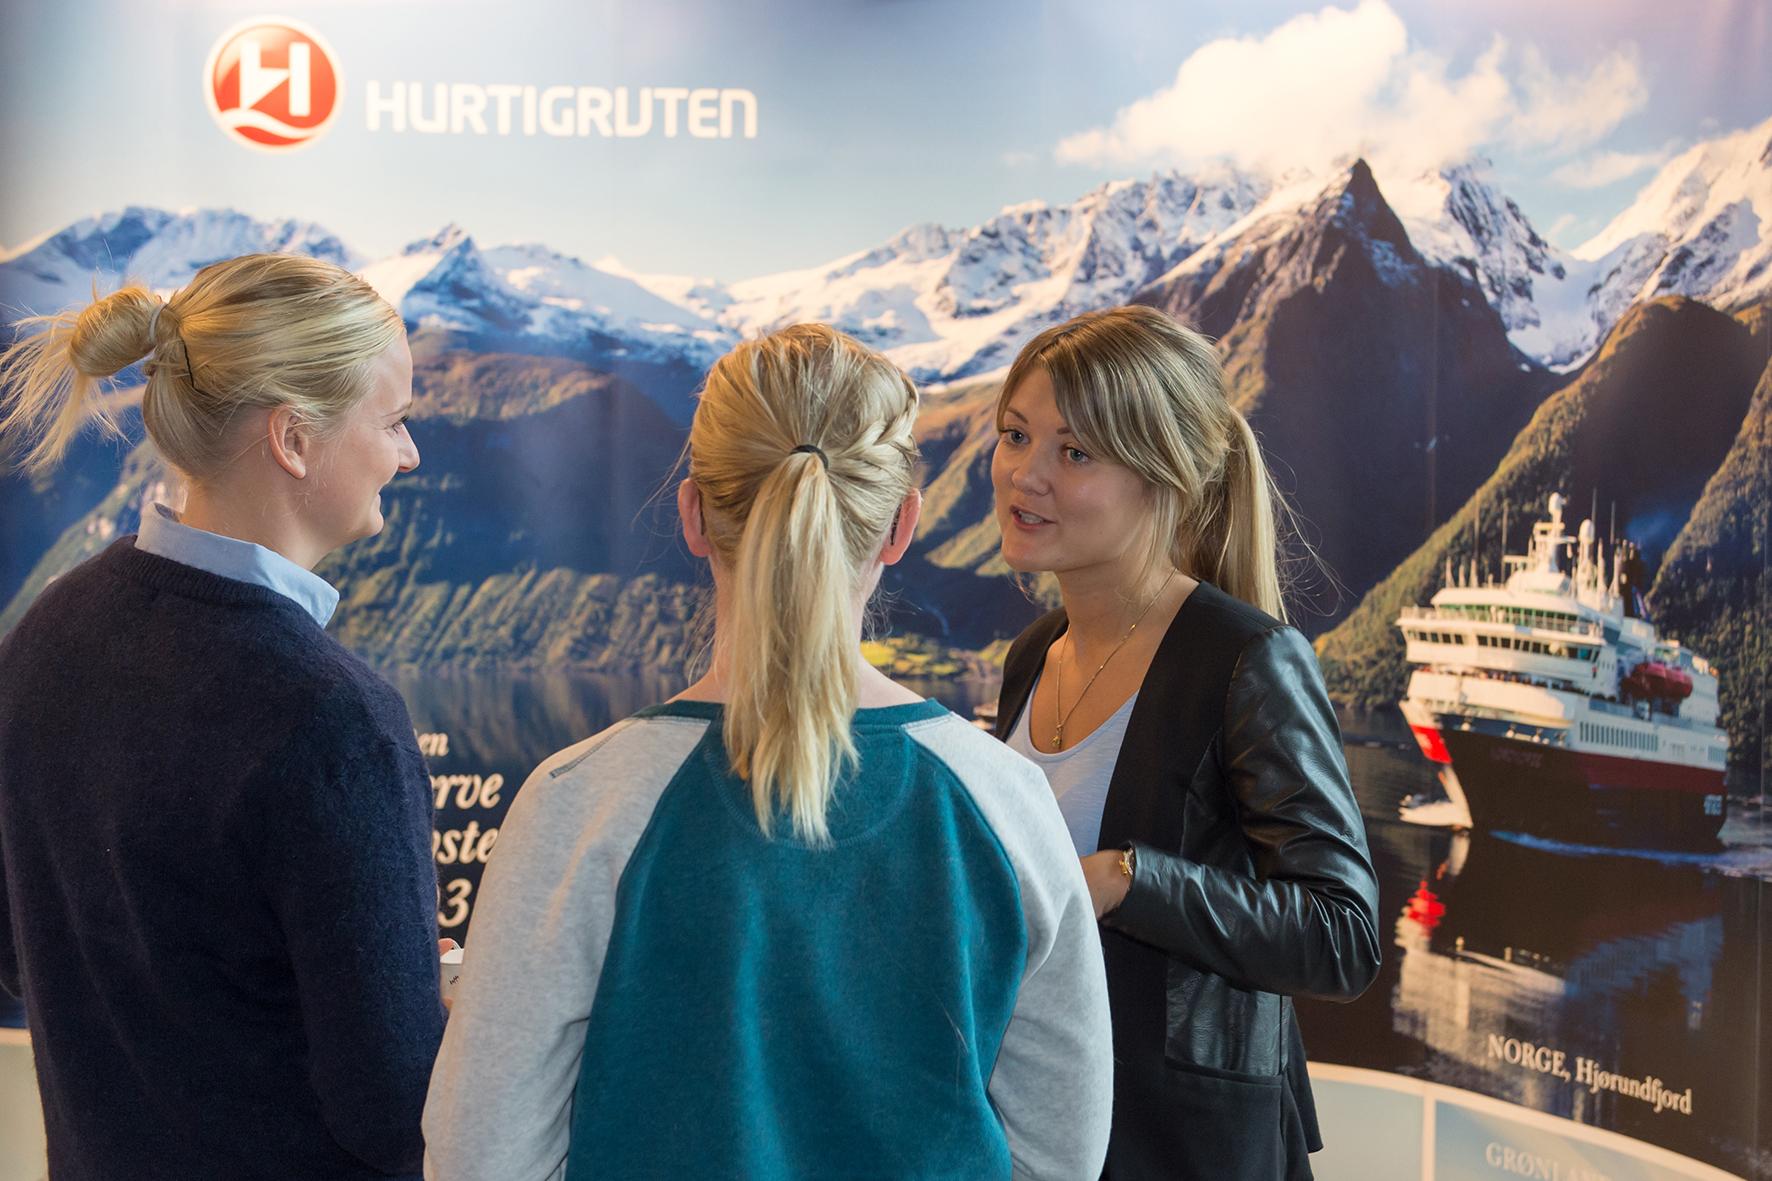 arbeidslivsdagen_2014_Hurtigruten.jpg